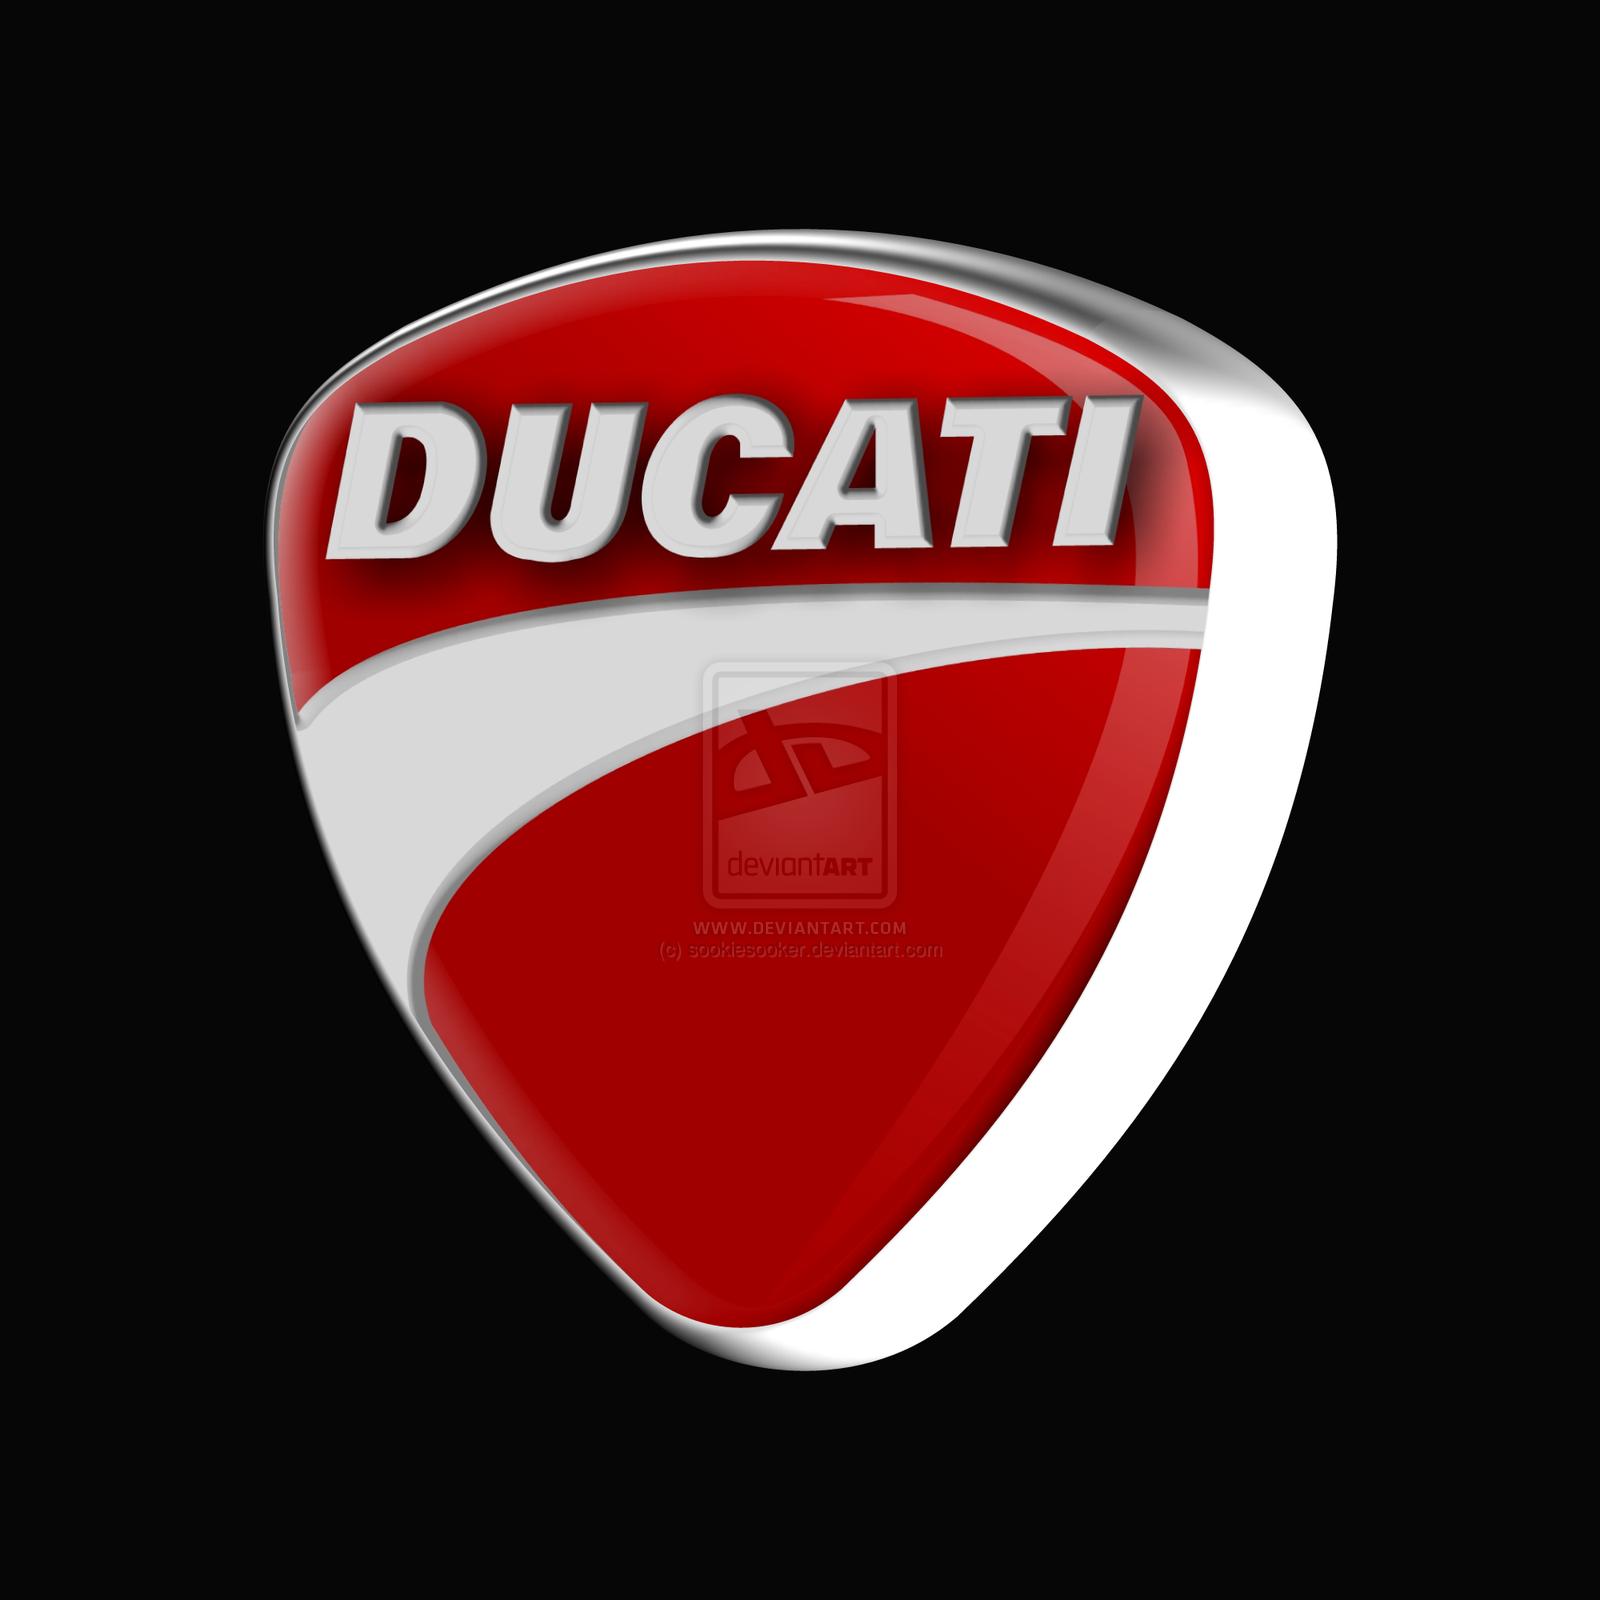 Ducati Logos